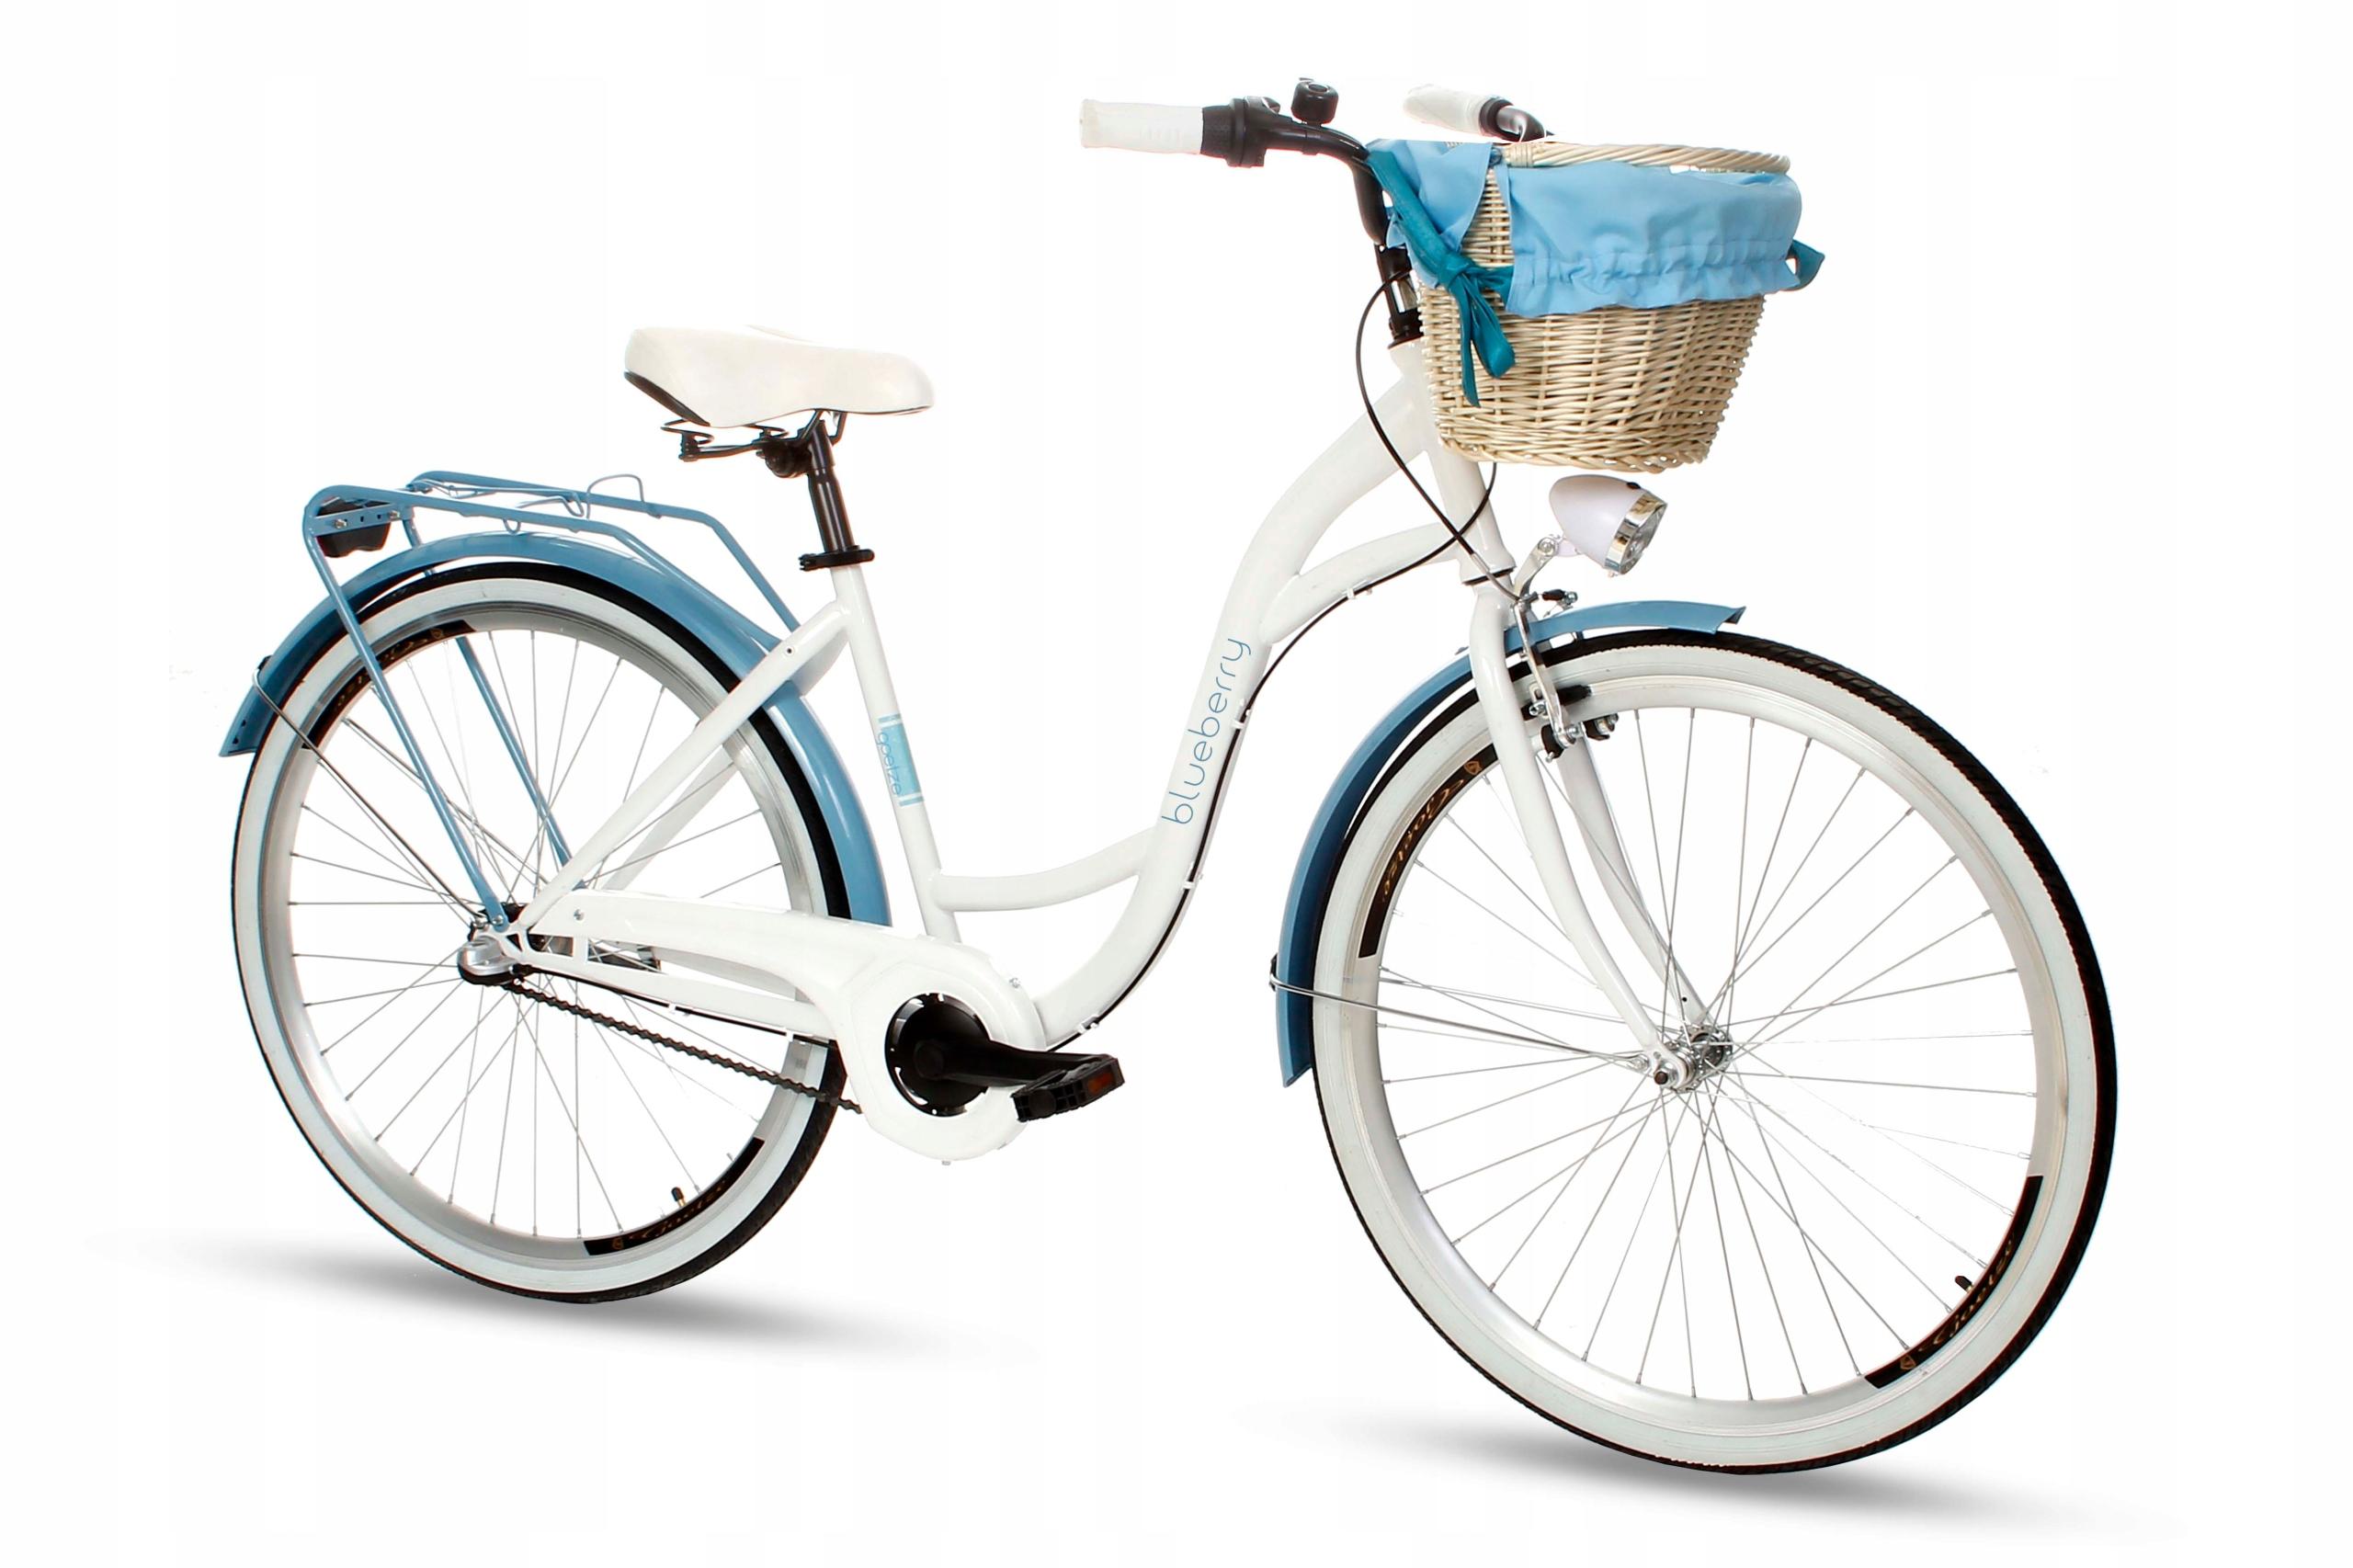 Dámsky mestský bicykel Goetze BLUEBERRY 28 3b košík!  Váha 16 kg